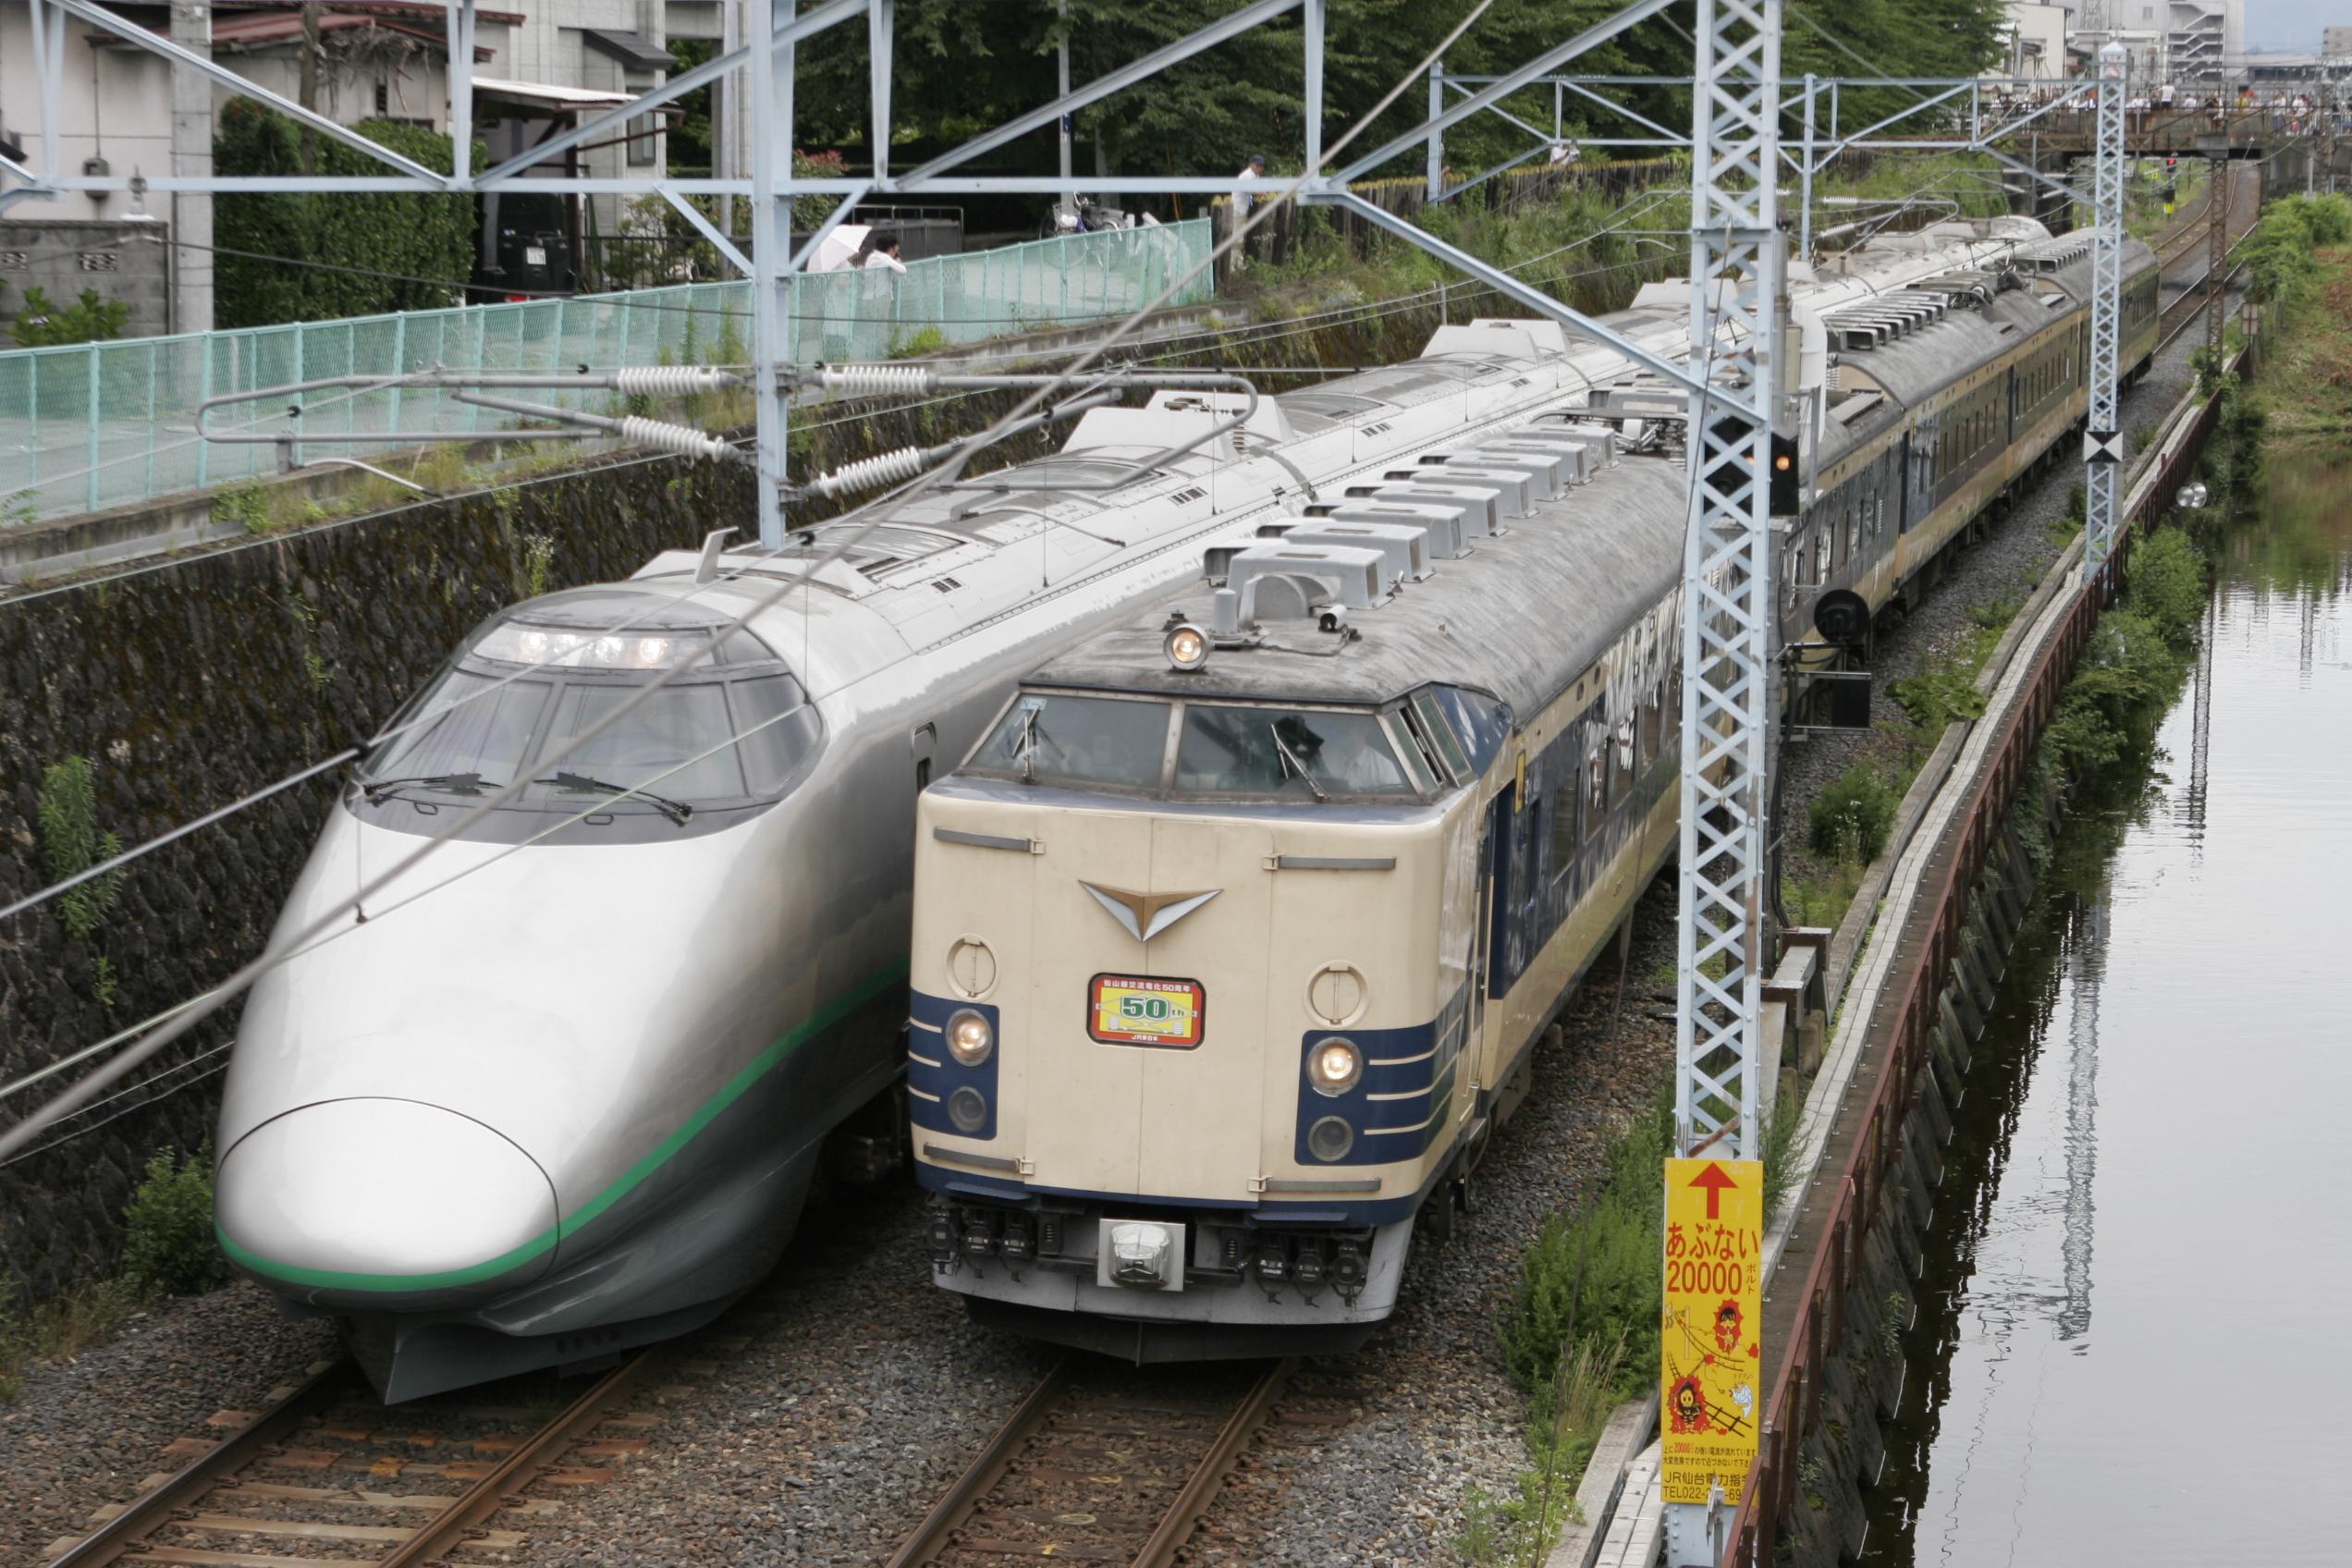 File:Yamagata Shinkansen 400 and JNR 583 20060716.jpg